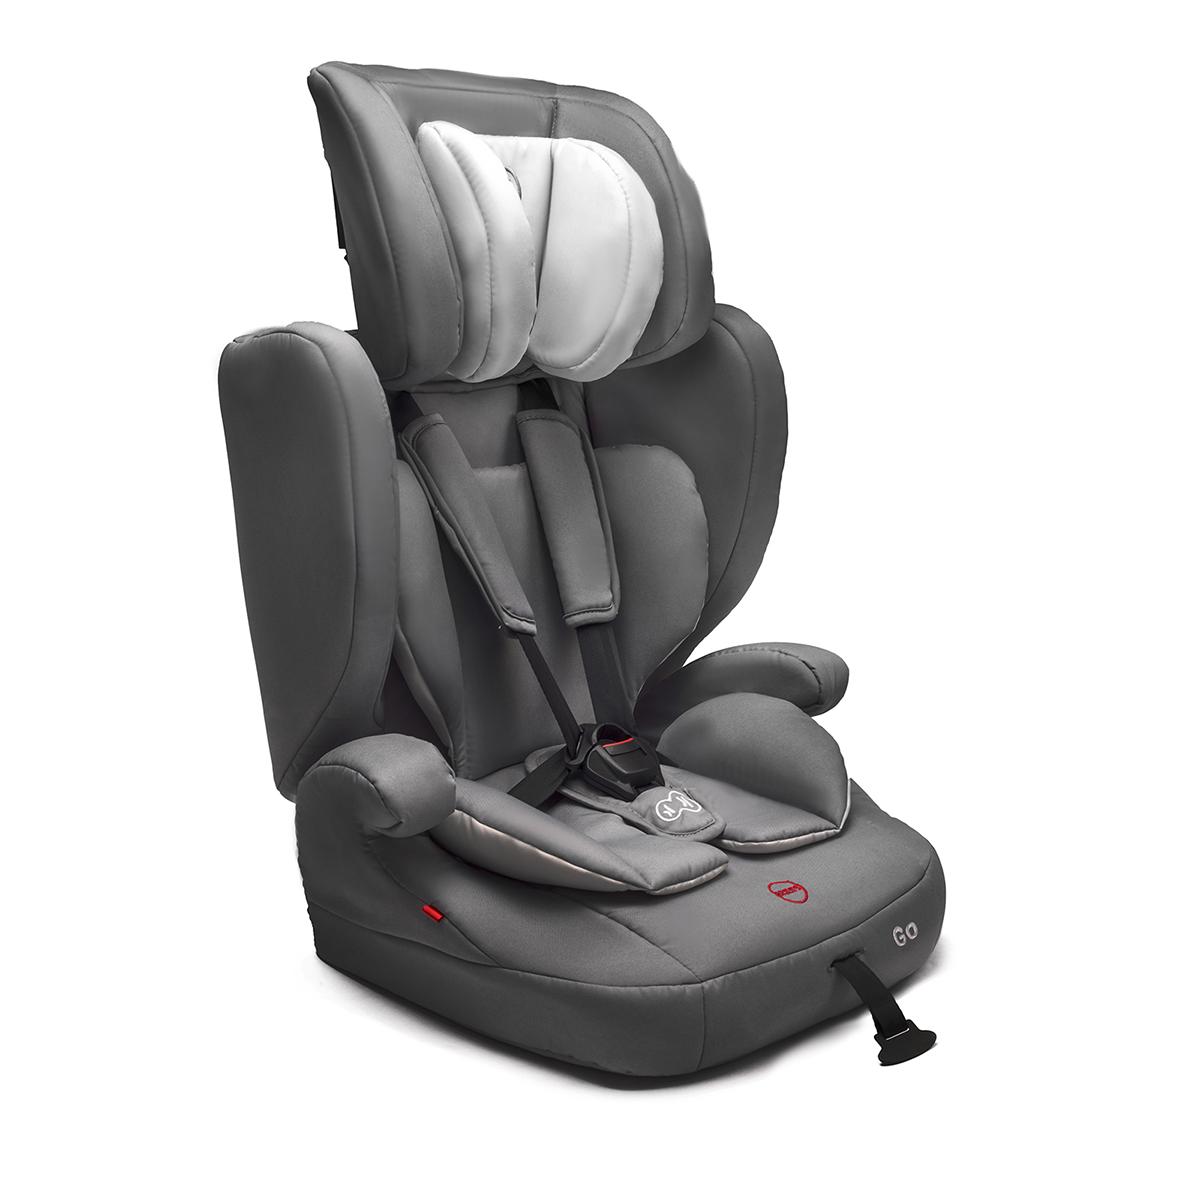 kinderkraft go infant car seat children 9 bis 36 kg group 1 2 3 new ebay. Black Bedroom Furniture Sets. Home Design Ideas